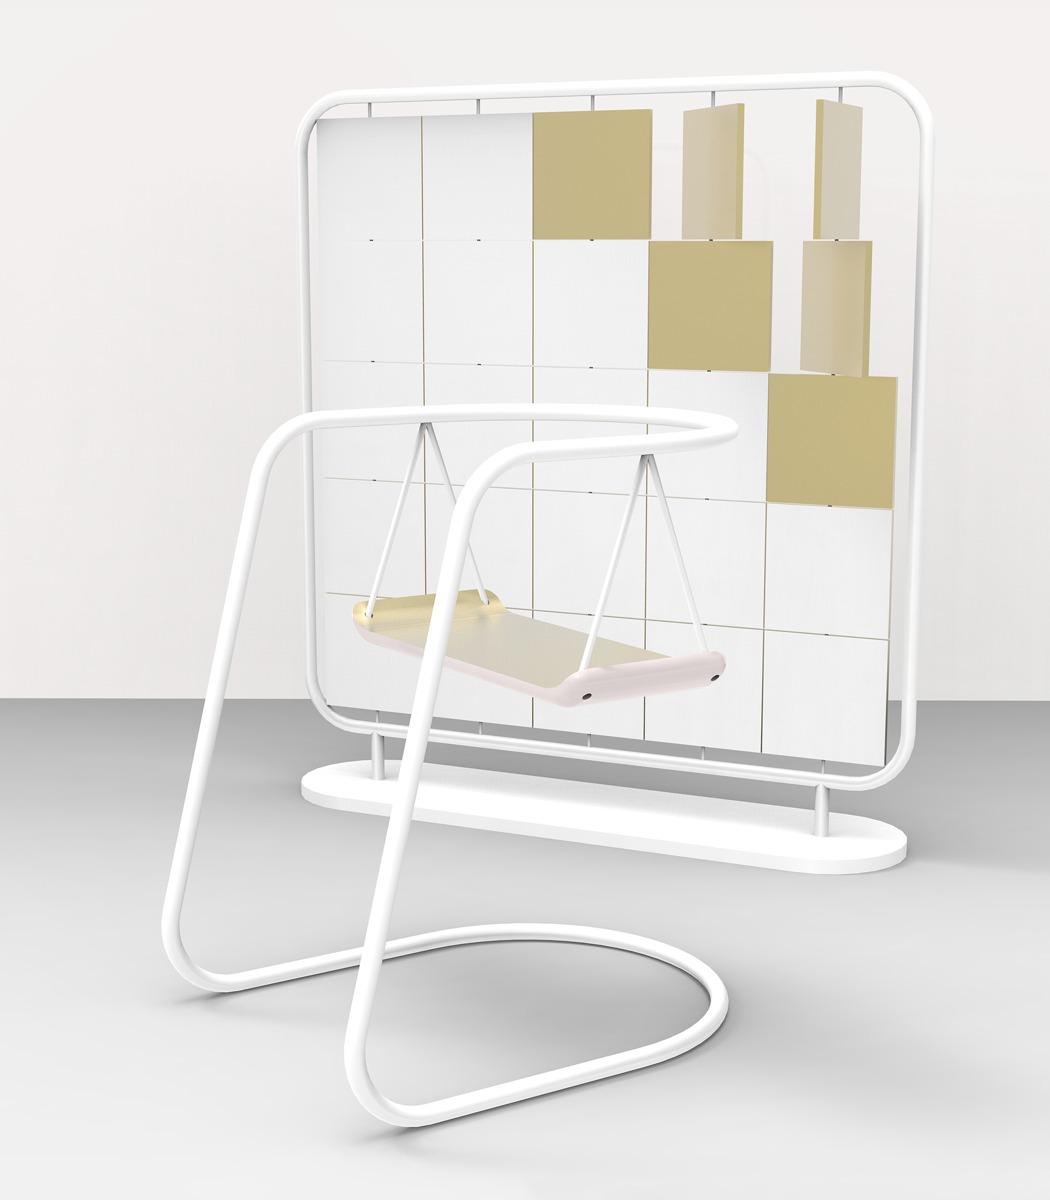 playgrown_furniture_02